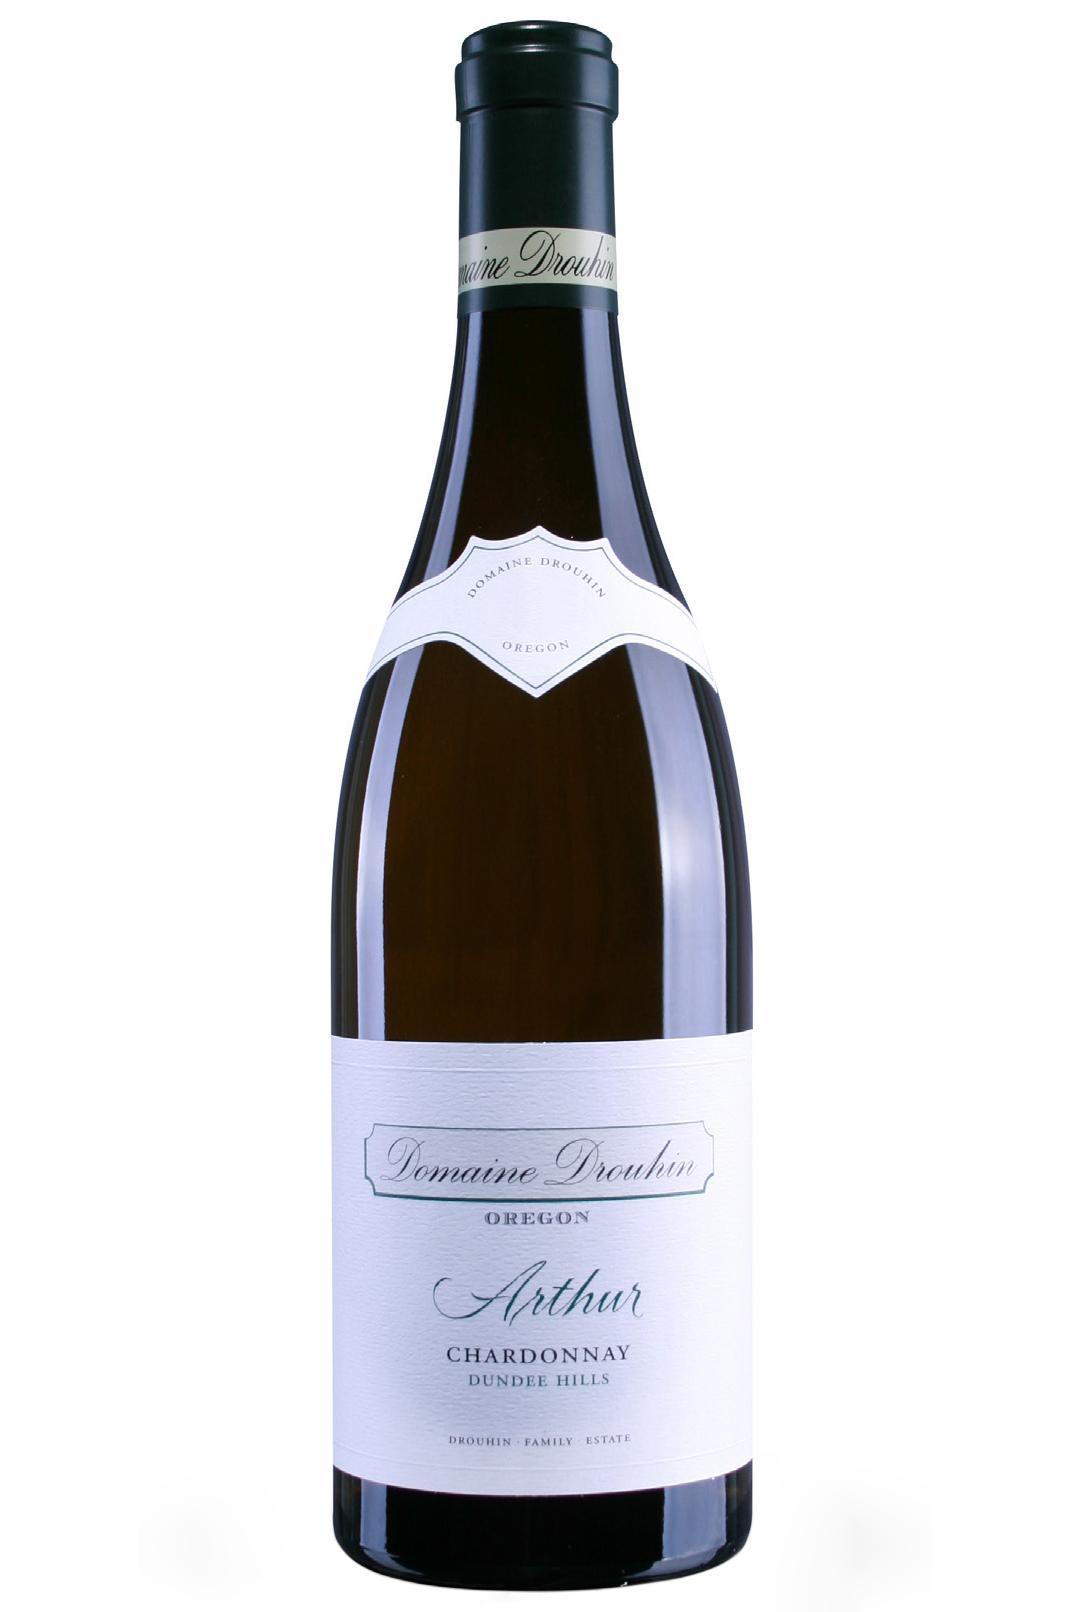 Cuvée Arthur Chardonnay, Dundee Hills, Oregon